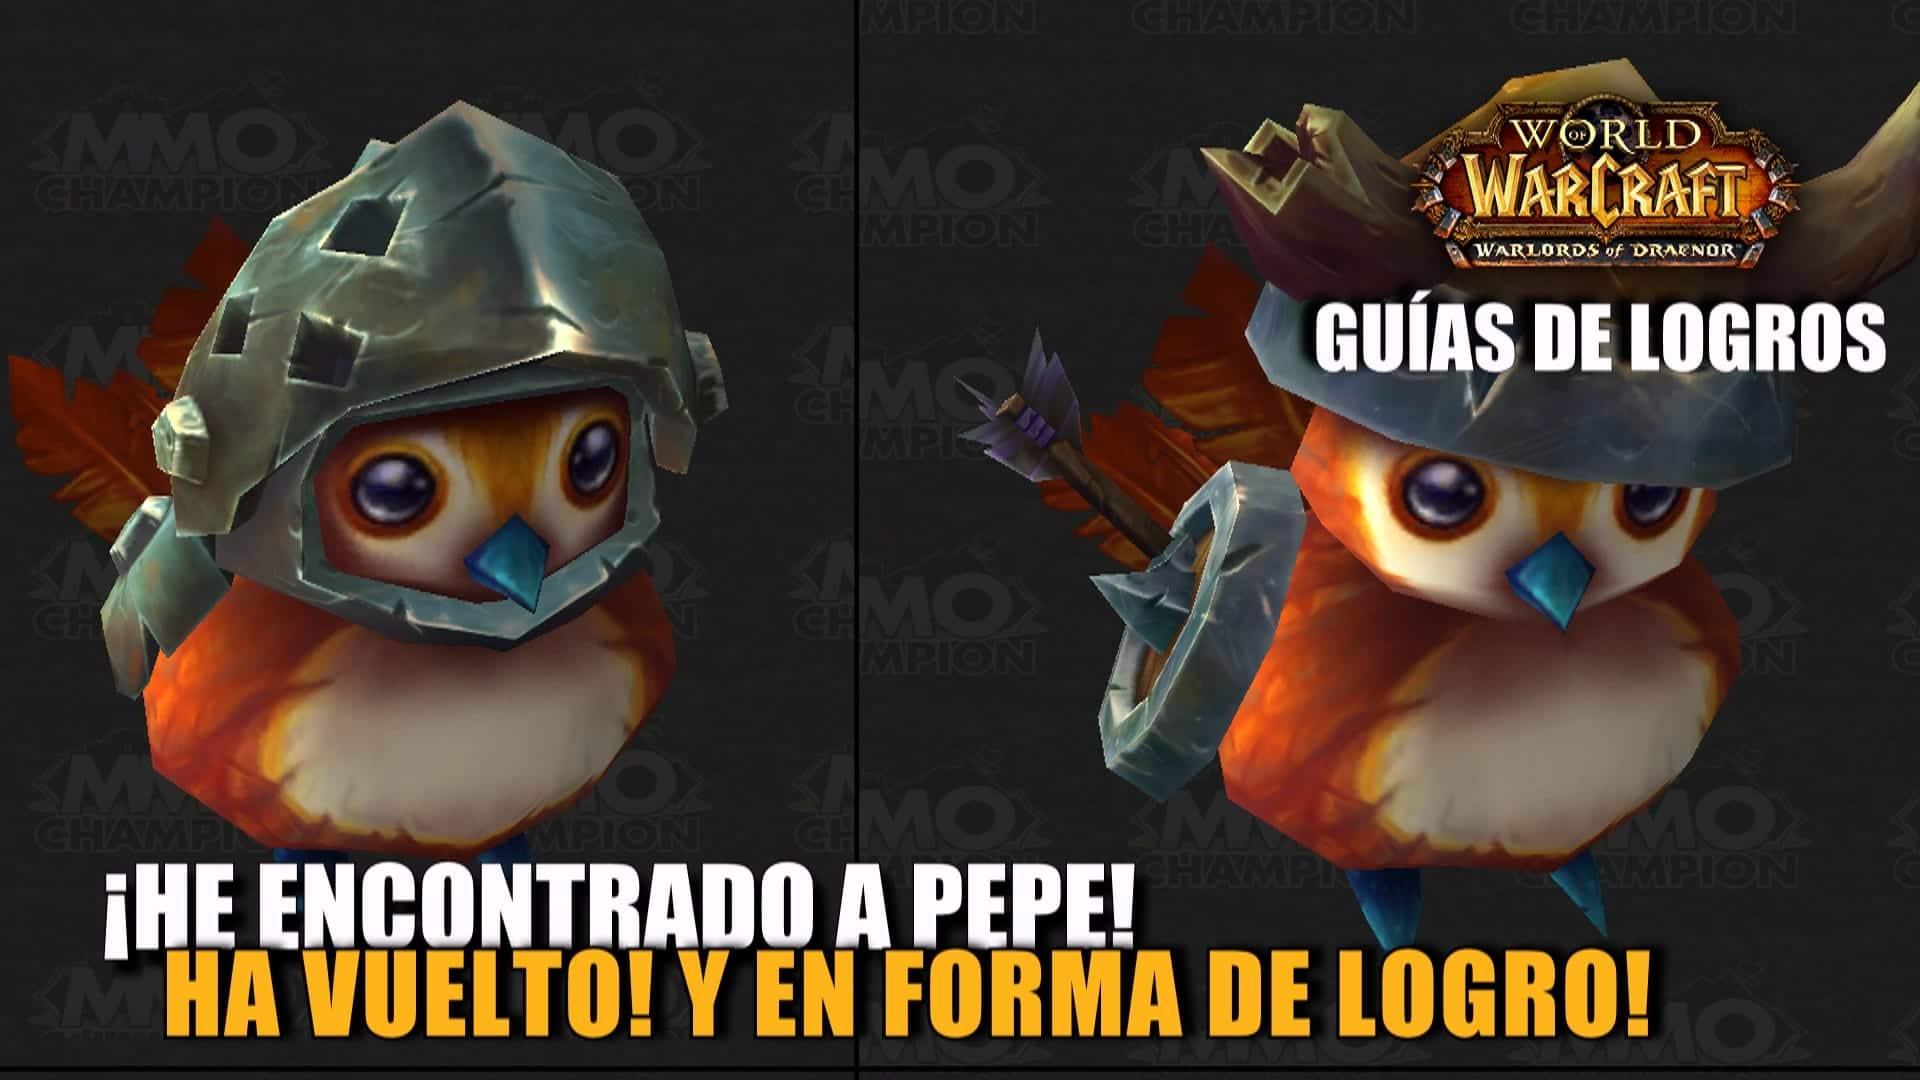 ¡He encontrado a Pepe! Ha vuelto! Y en forma de logro!